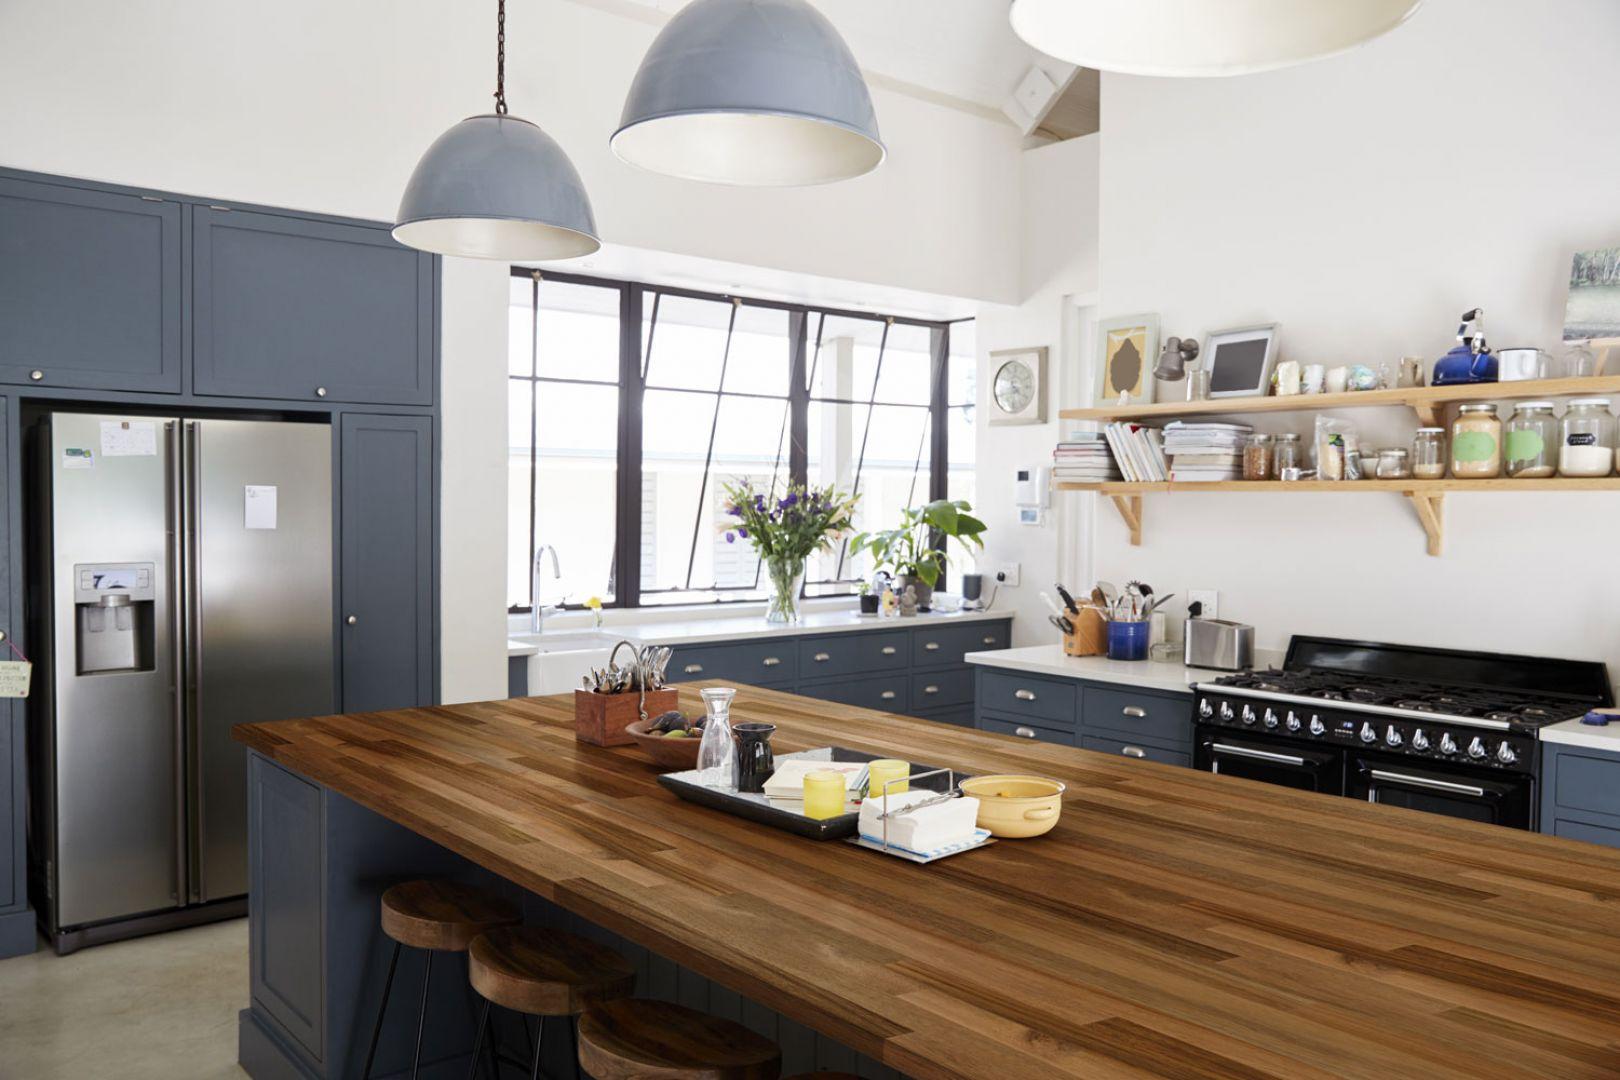 Blat kuchenny został wykonany z drewna akacji. Pięknie pasuje do ciemnych mebli oraz białych ścian. Fot. DLH